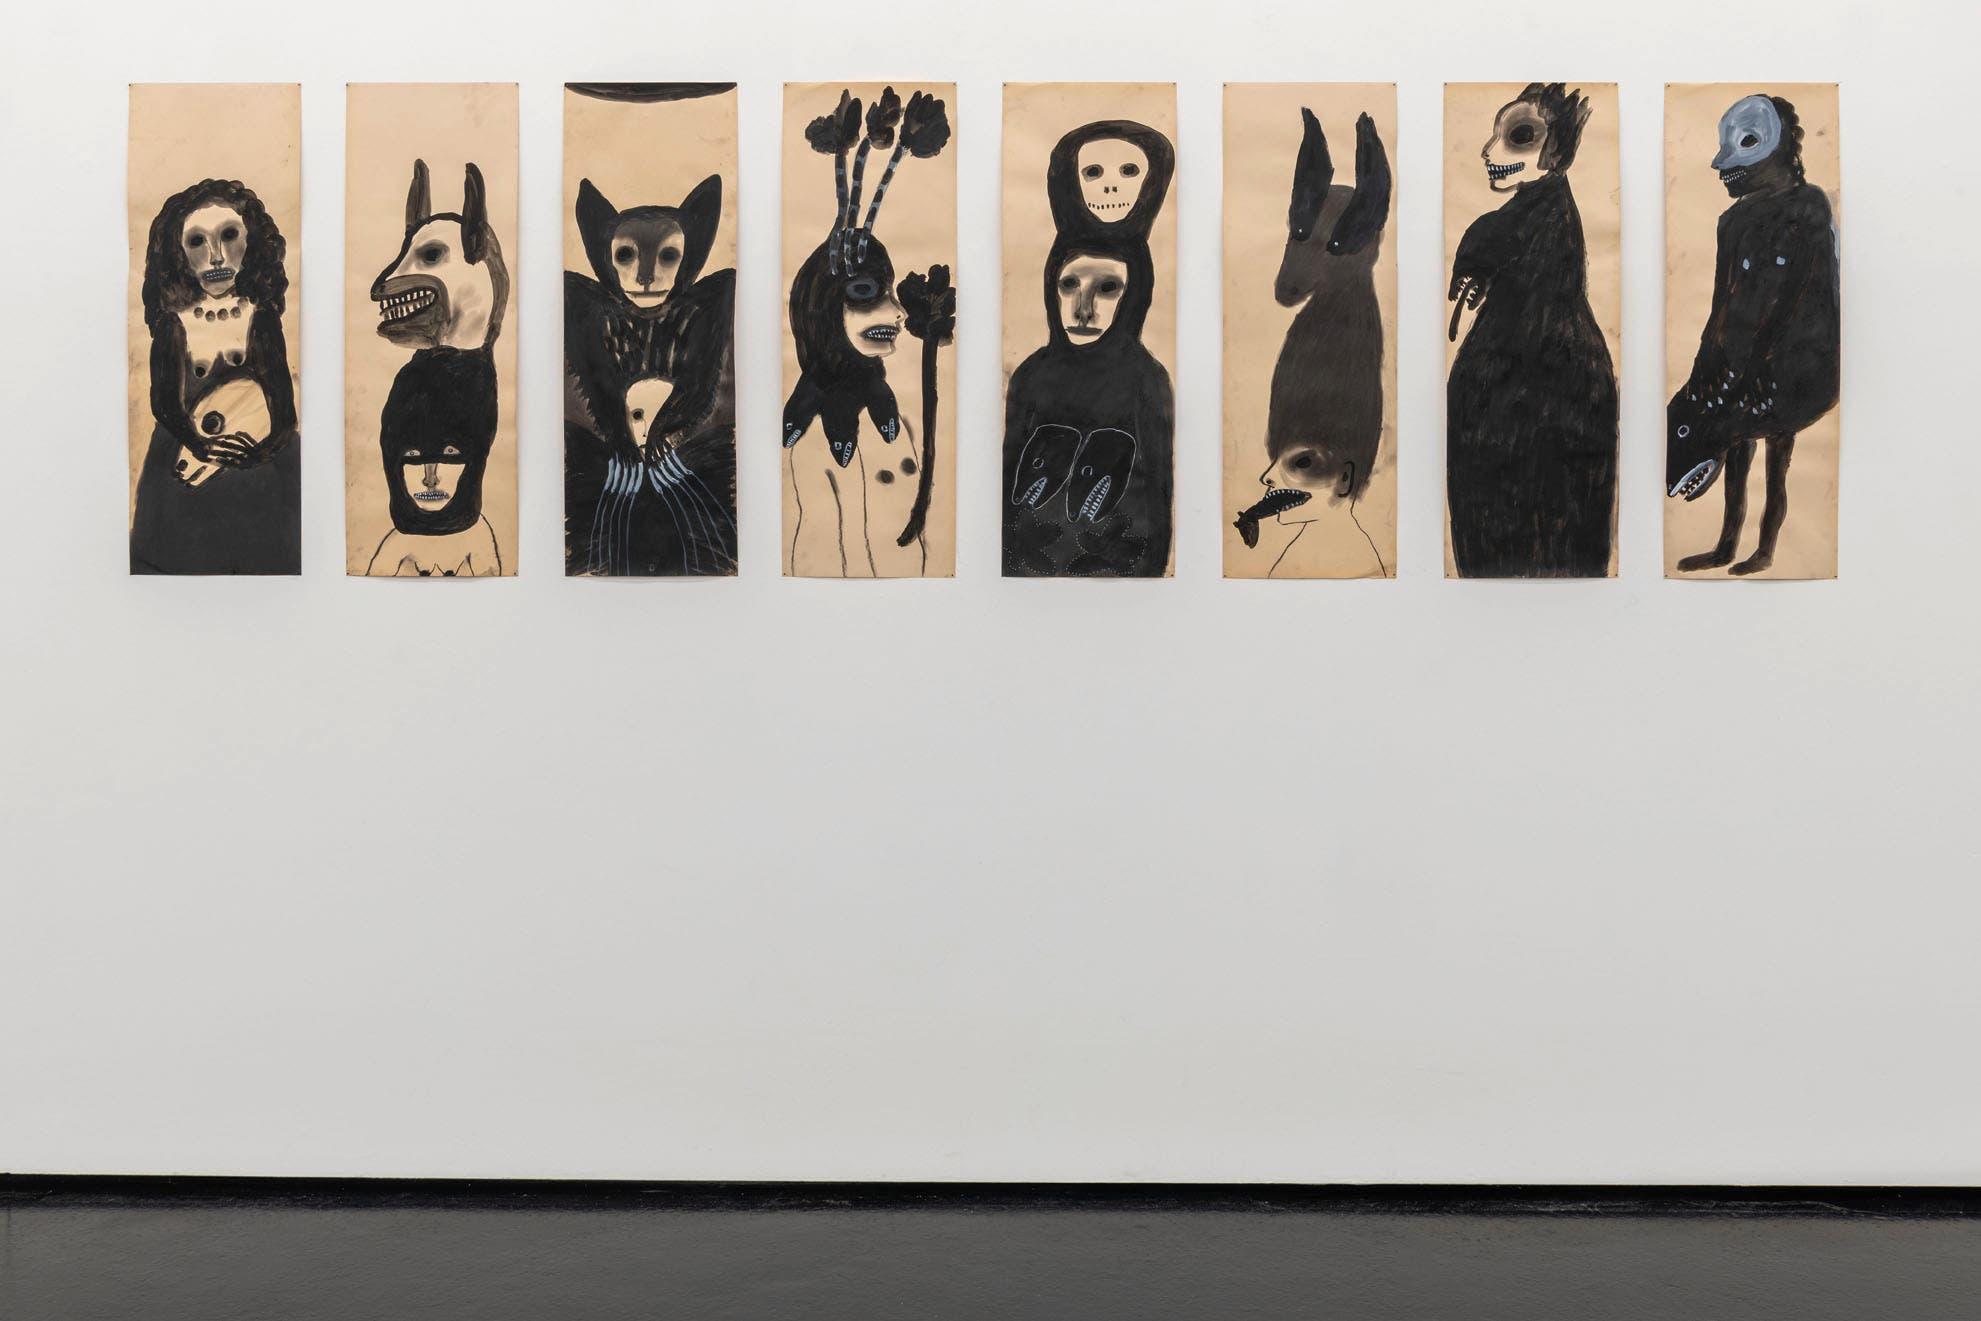 Barcelo, Annette (*1953). Wir sagen es nicht weiter, 2019. Kohle, Acryl auf Papier, 8-teilig, je 85 x 30 cm.